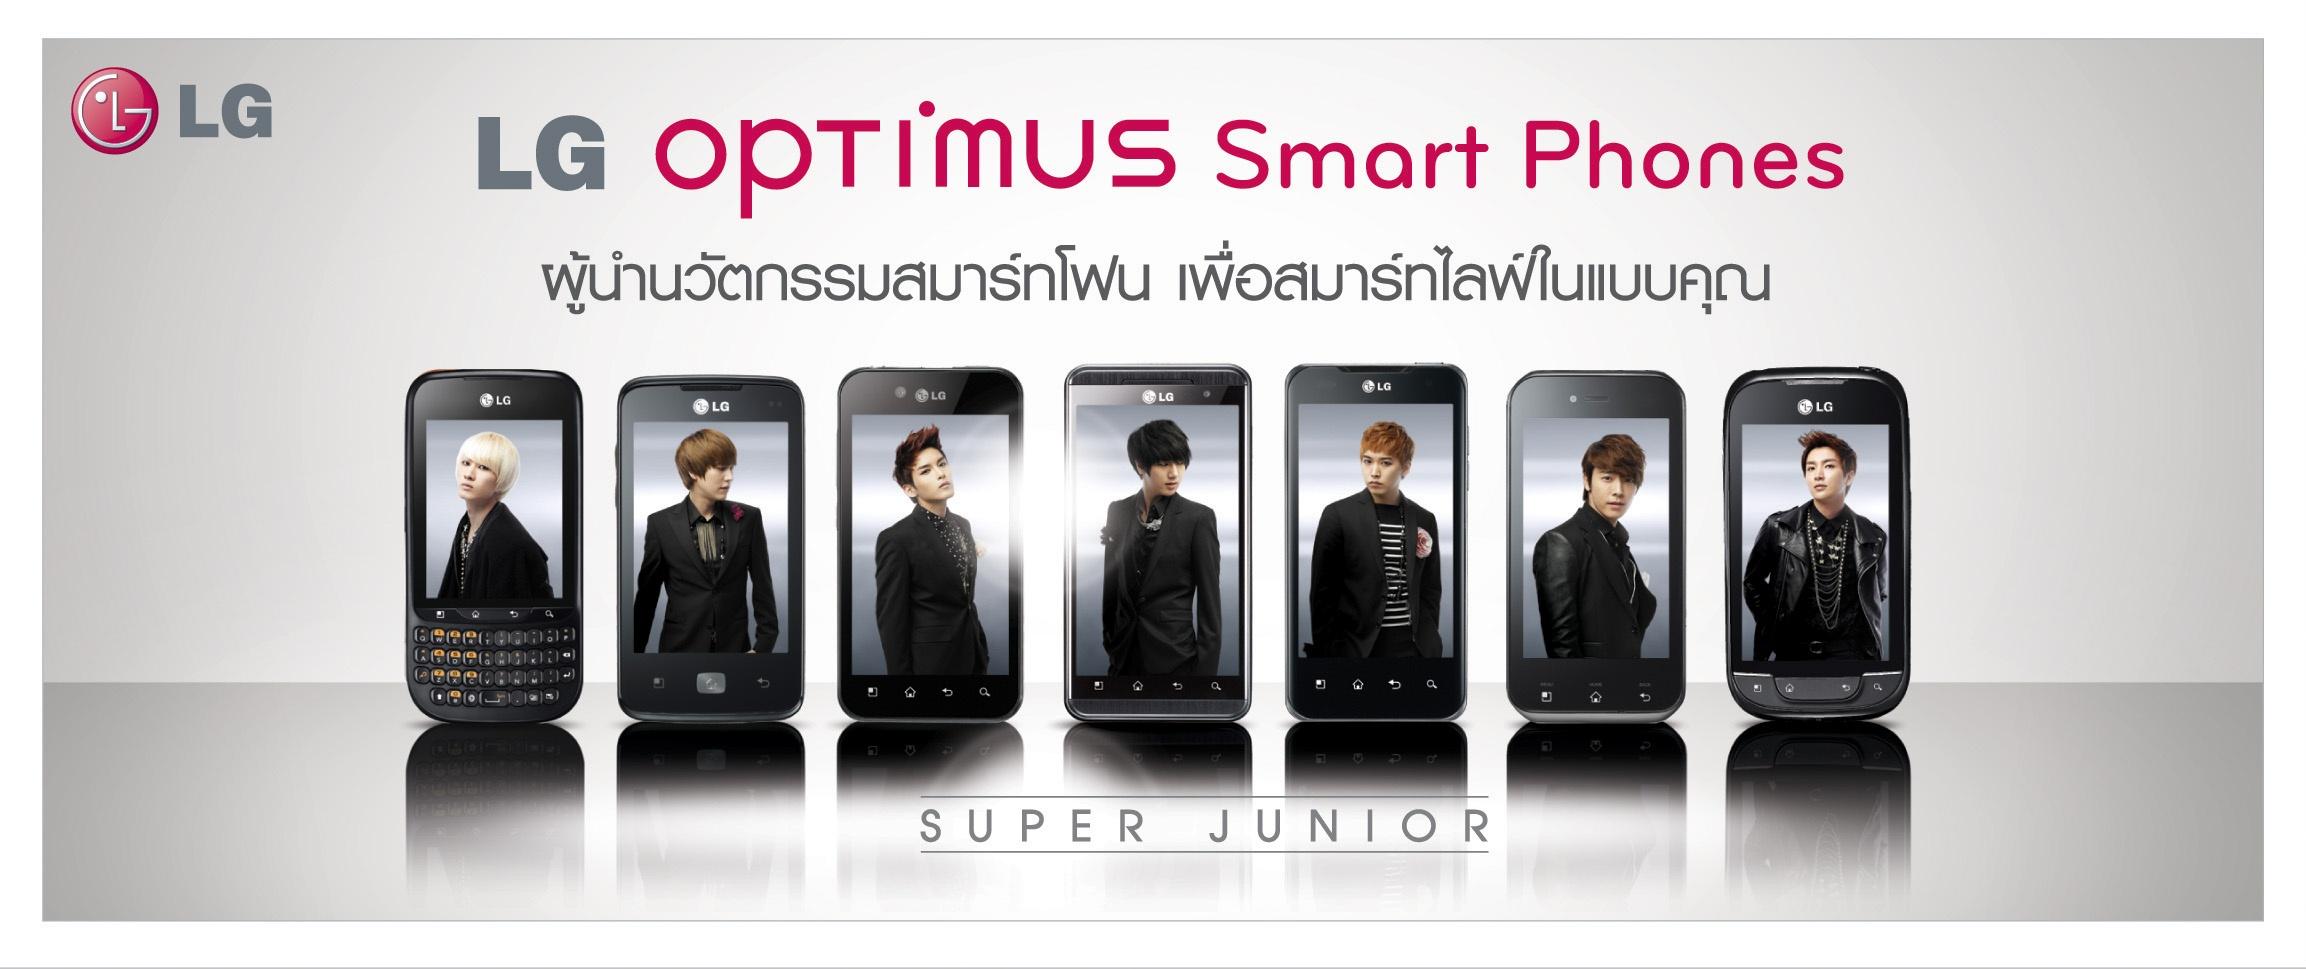 ติดตามข่าวสารและกิจกรรมของวง Super junior กับ LG Optimus เร็วๆนี้